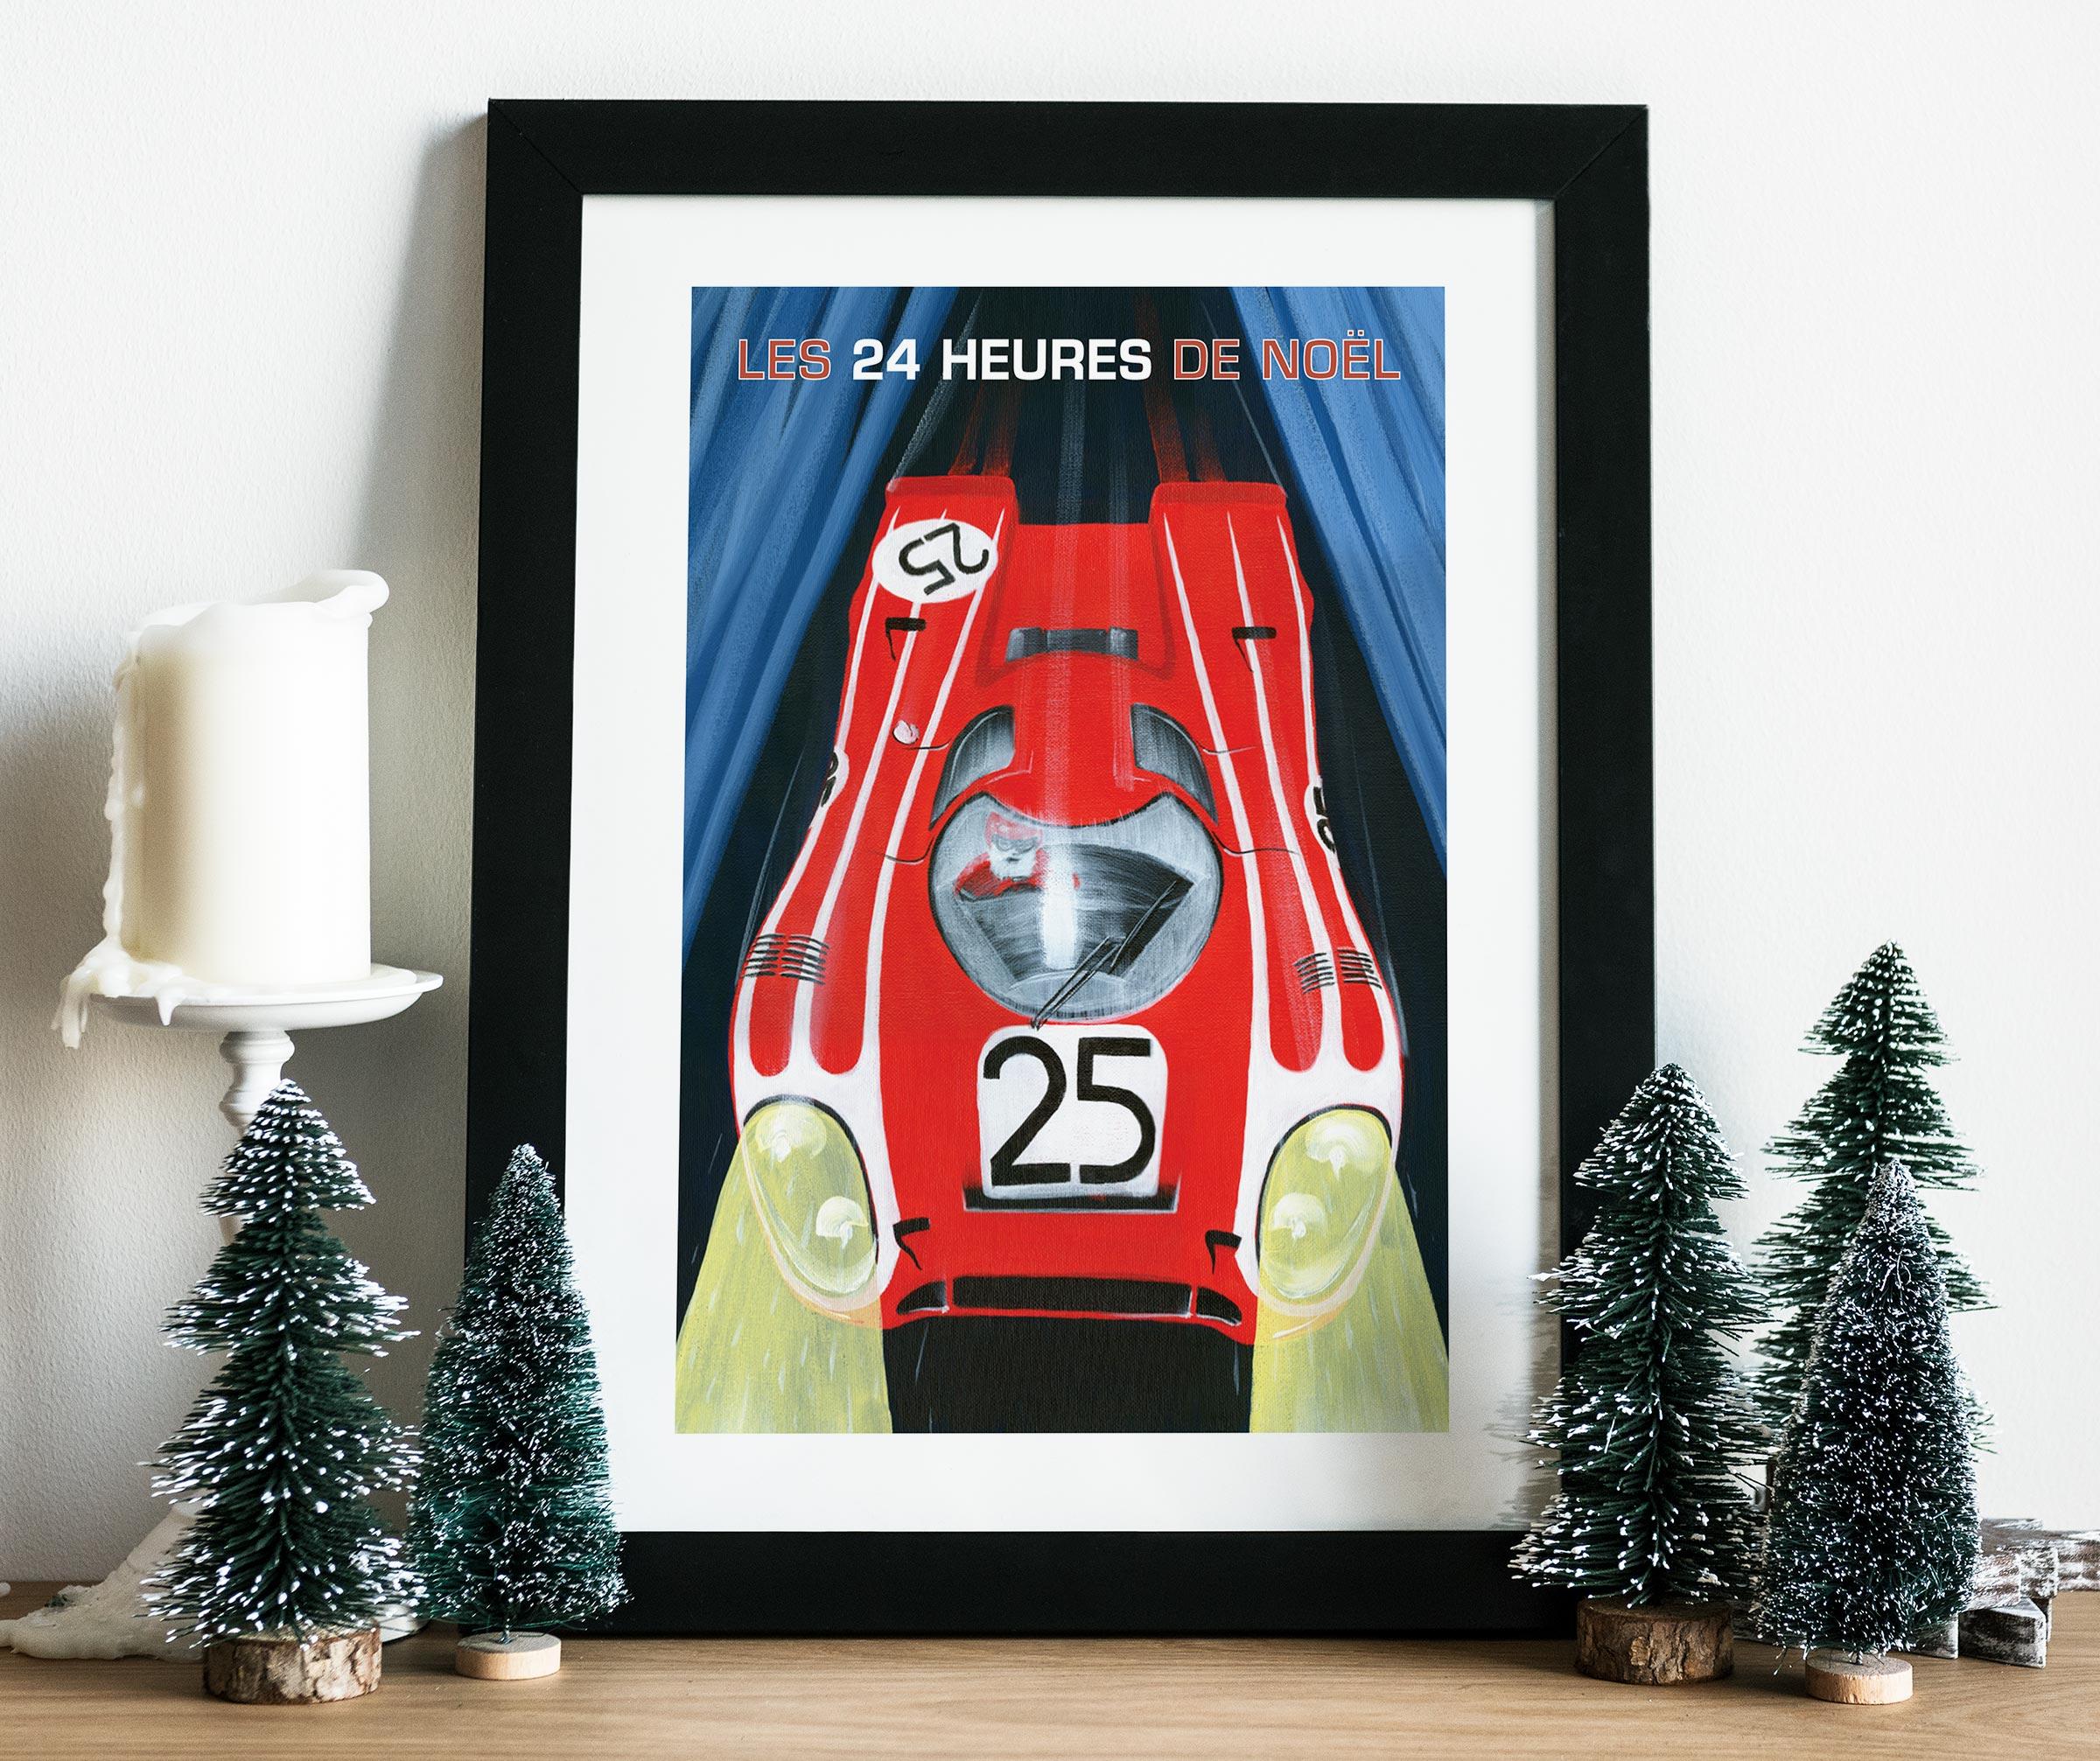 2006 Christmas Poster mockup